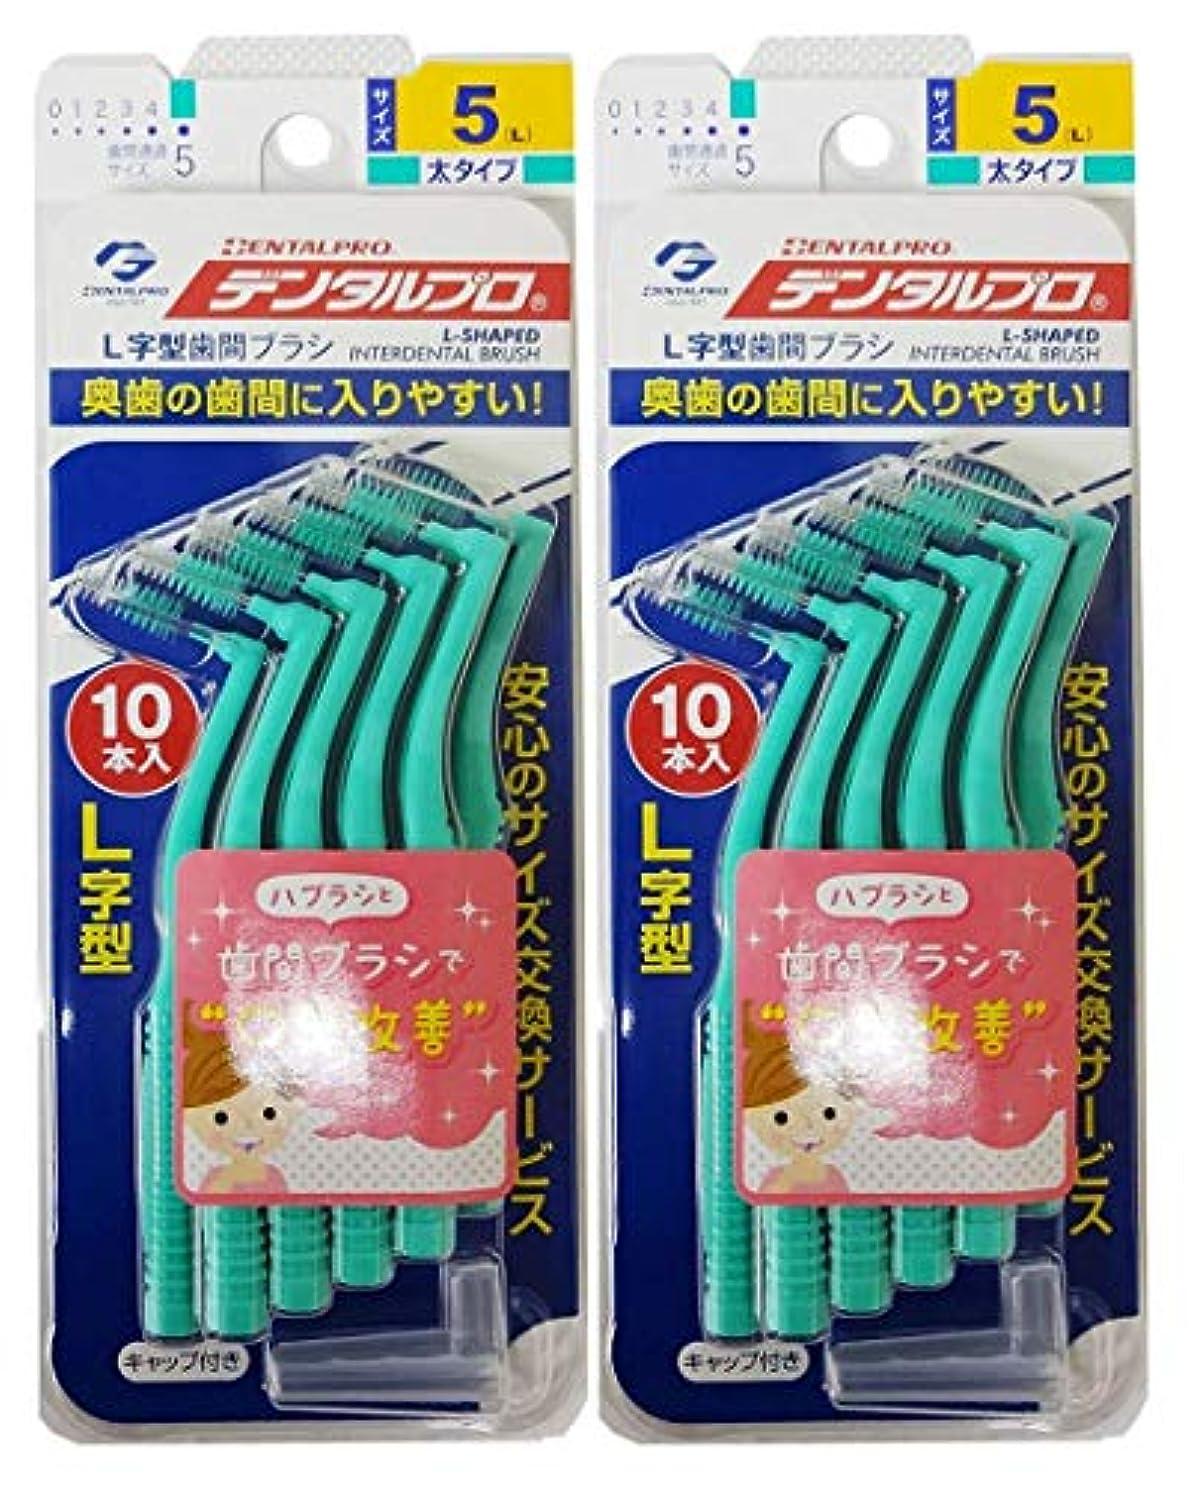 デンタルプロ 歯間ブラシ L字型 サイズ5(L) 10本入り × 2個セット